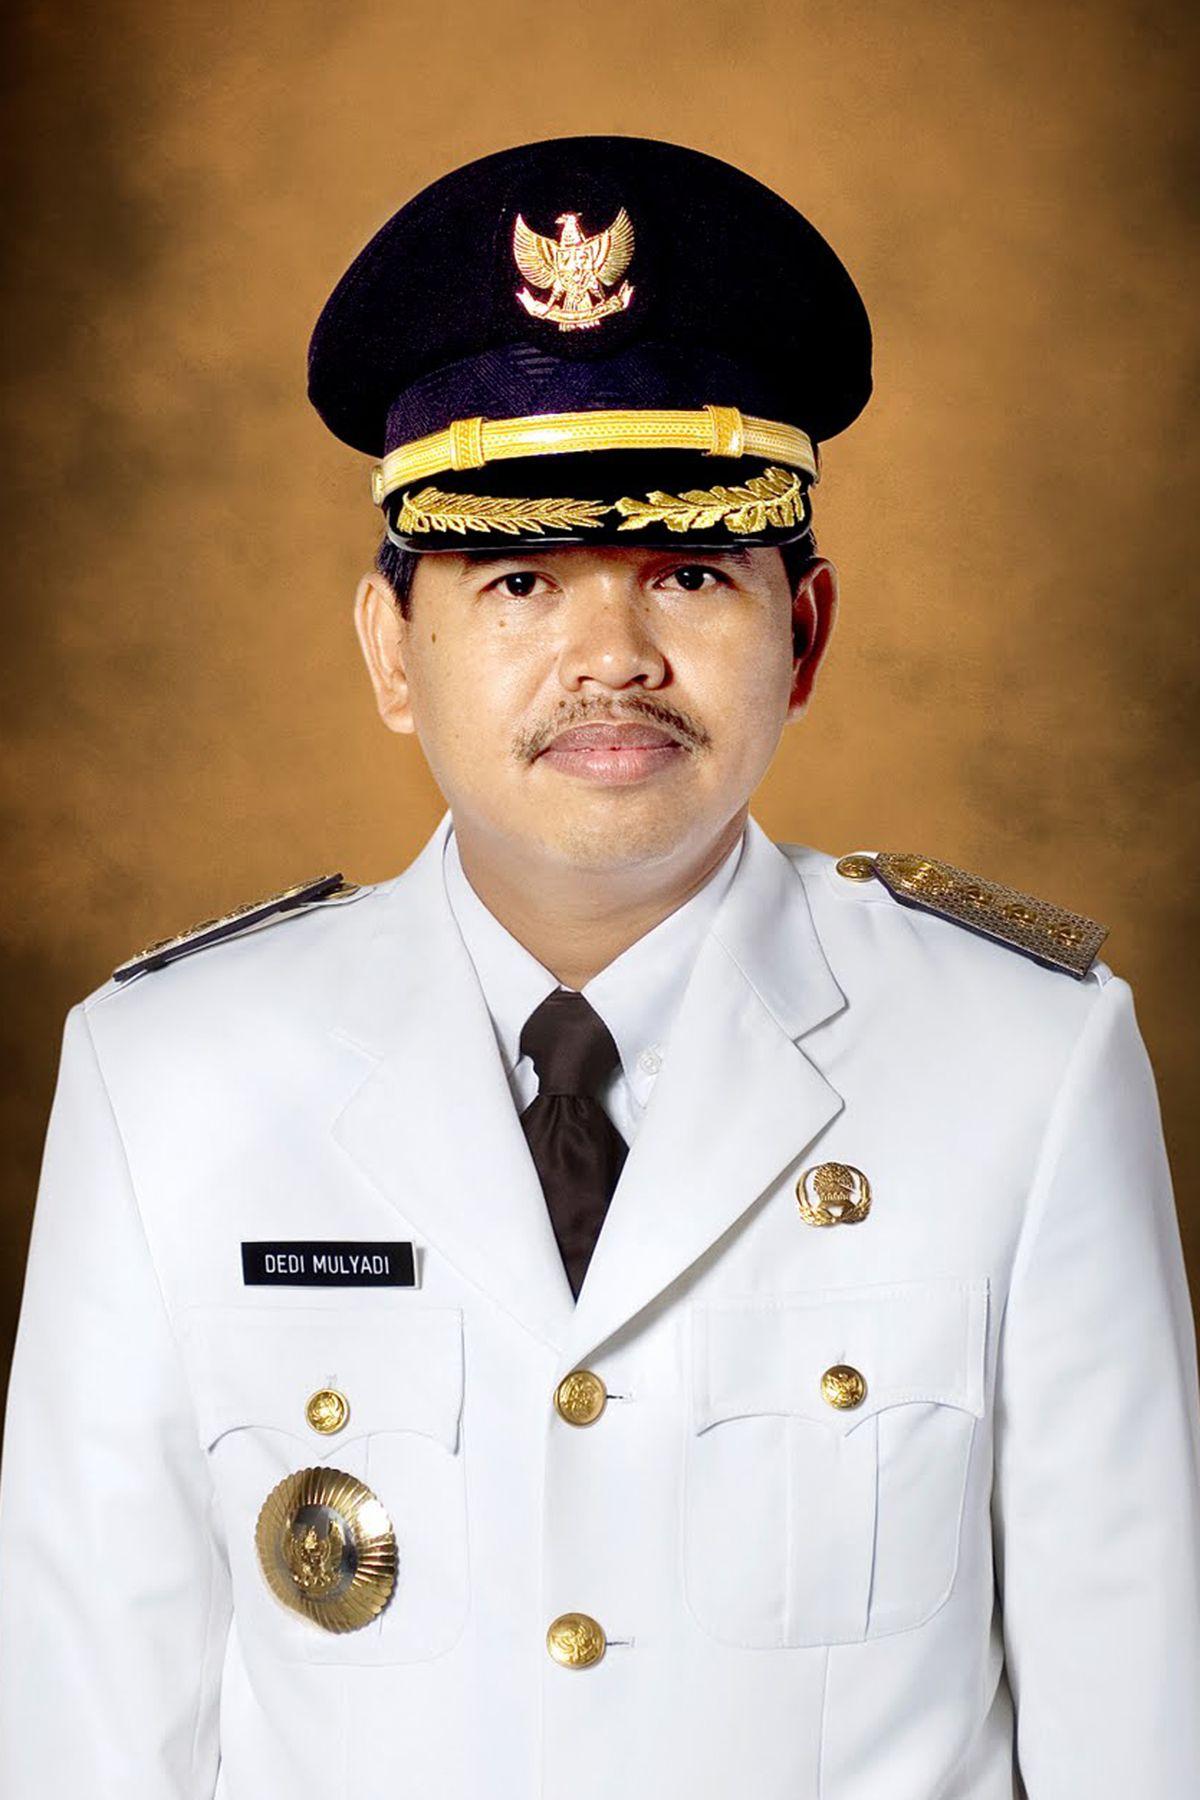 Dedi Mulyadi Wikipedia Bahasa Indonesia Ensiklopedia Bebas